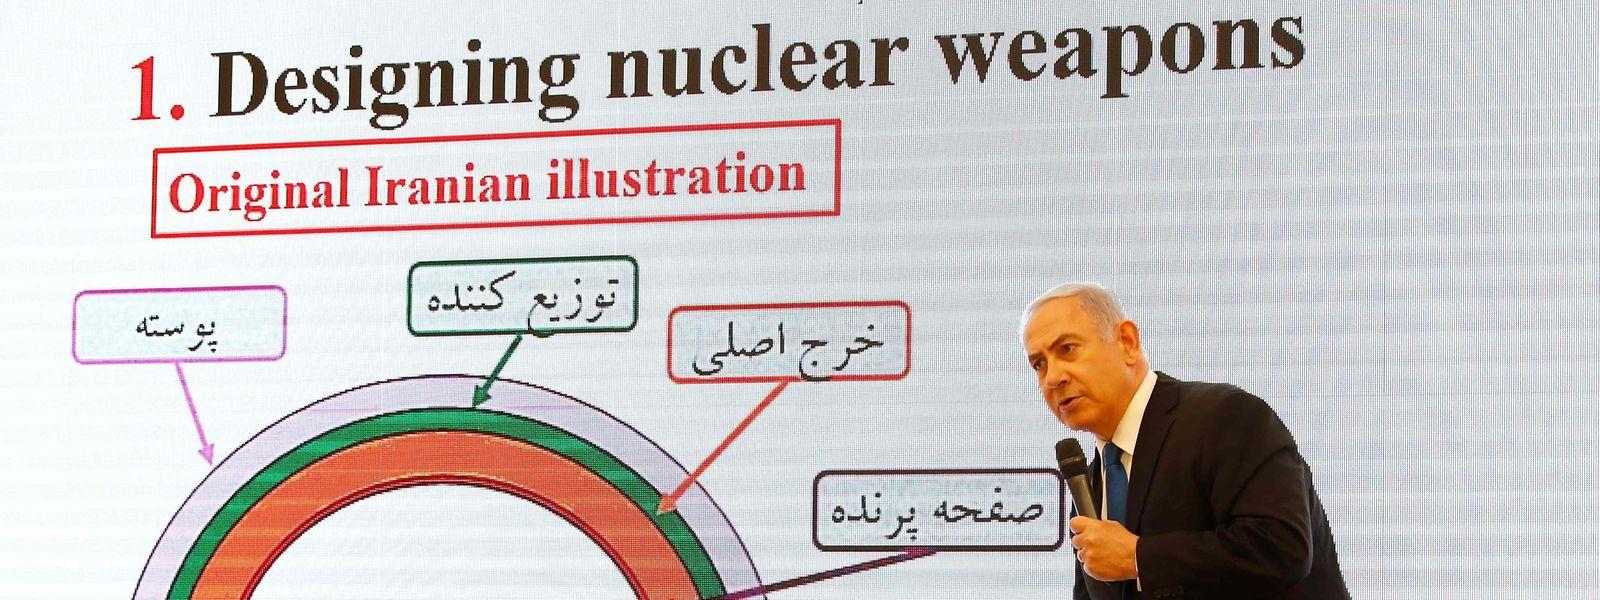 """Netanjahu berichtete, nach der Unterzeichnung des Atomabkommens 2015 habe der Iran seine Bemühungen verstärkt, seine geheimem Nuklearakten zu verstecken. 2017 seien diese Akten an einen geheimen Ort in Teheran verlegt worden. """"Vor einigen Wochen hat Israel in einem großartigen Geheimdiensterfolg eine halbe Tonne der Dokumente in diesen Tresoren sichergestellt"""", sagte Netanjahu. Es handele sich um 55 000 Seiten sowie weitere 55 000 Dokumente auf 183 Daten-CDs, darauf unter anderem Videos, Präsentationen und Baupläne."""